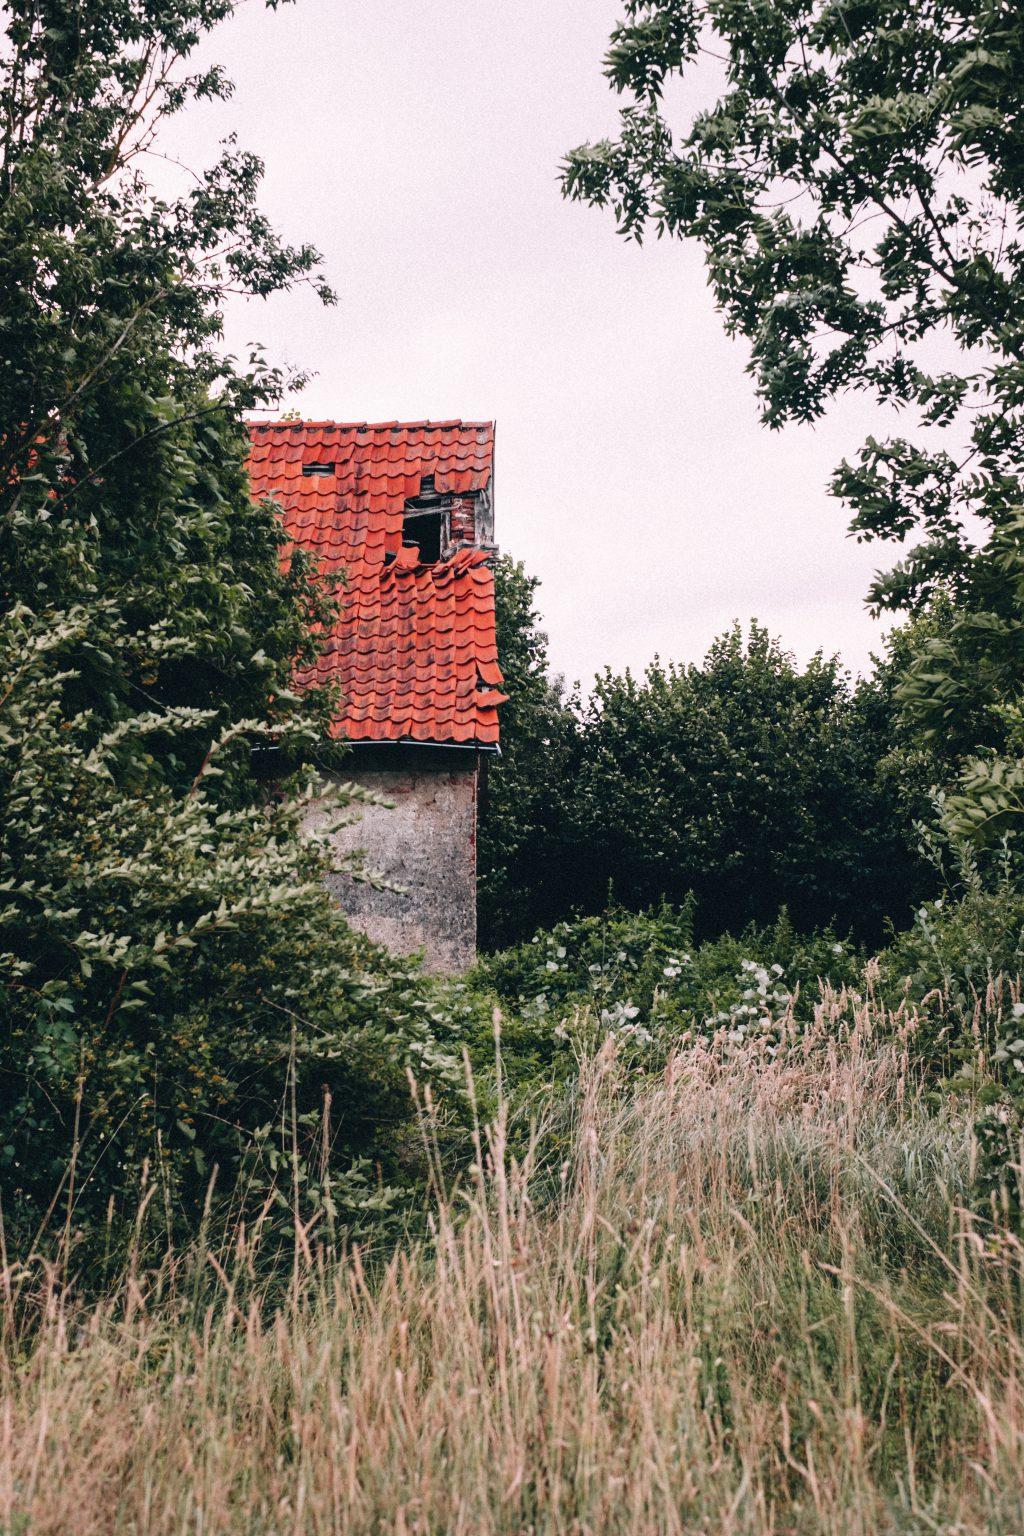 Abandoned ruined house 3 - free stock photo